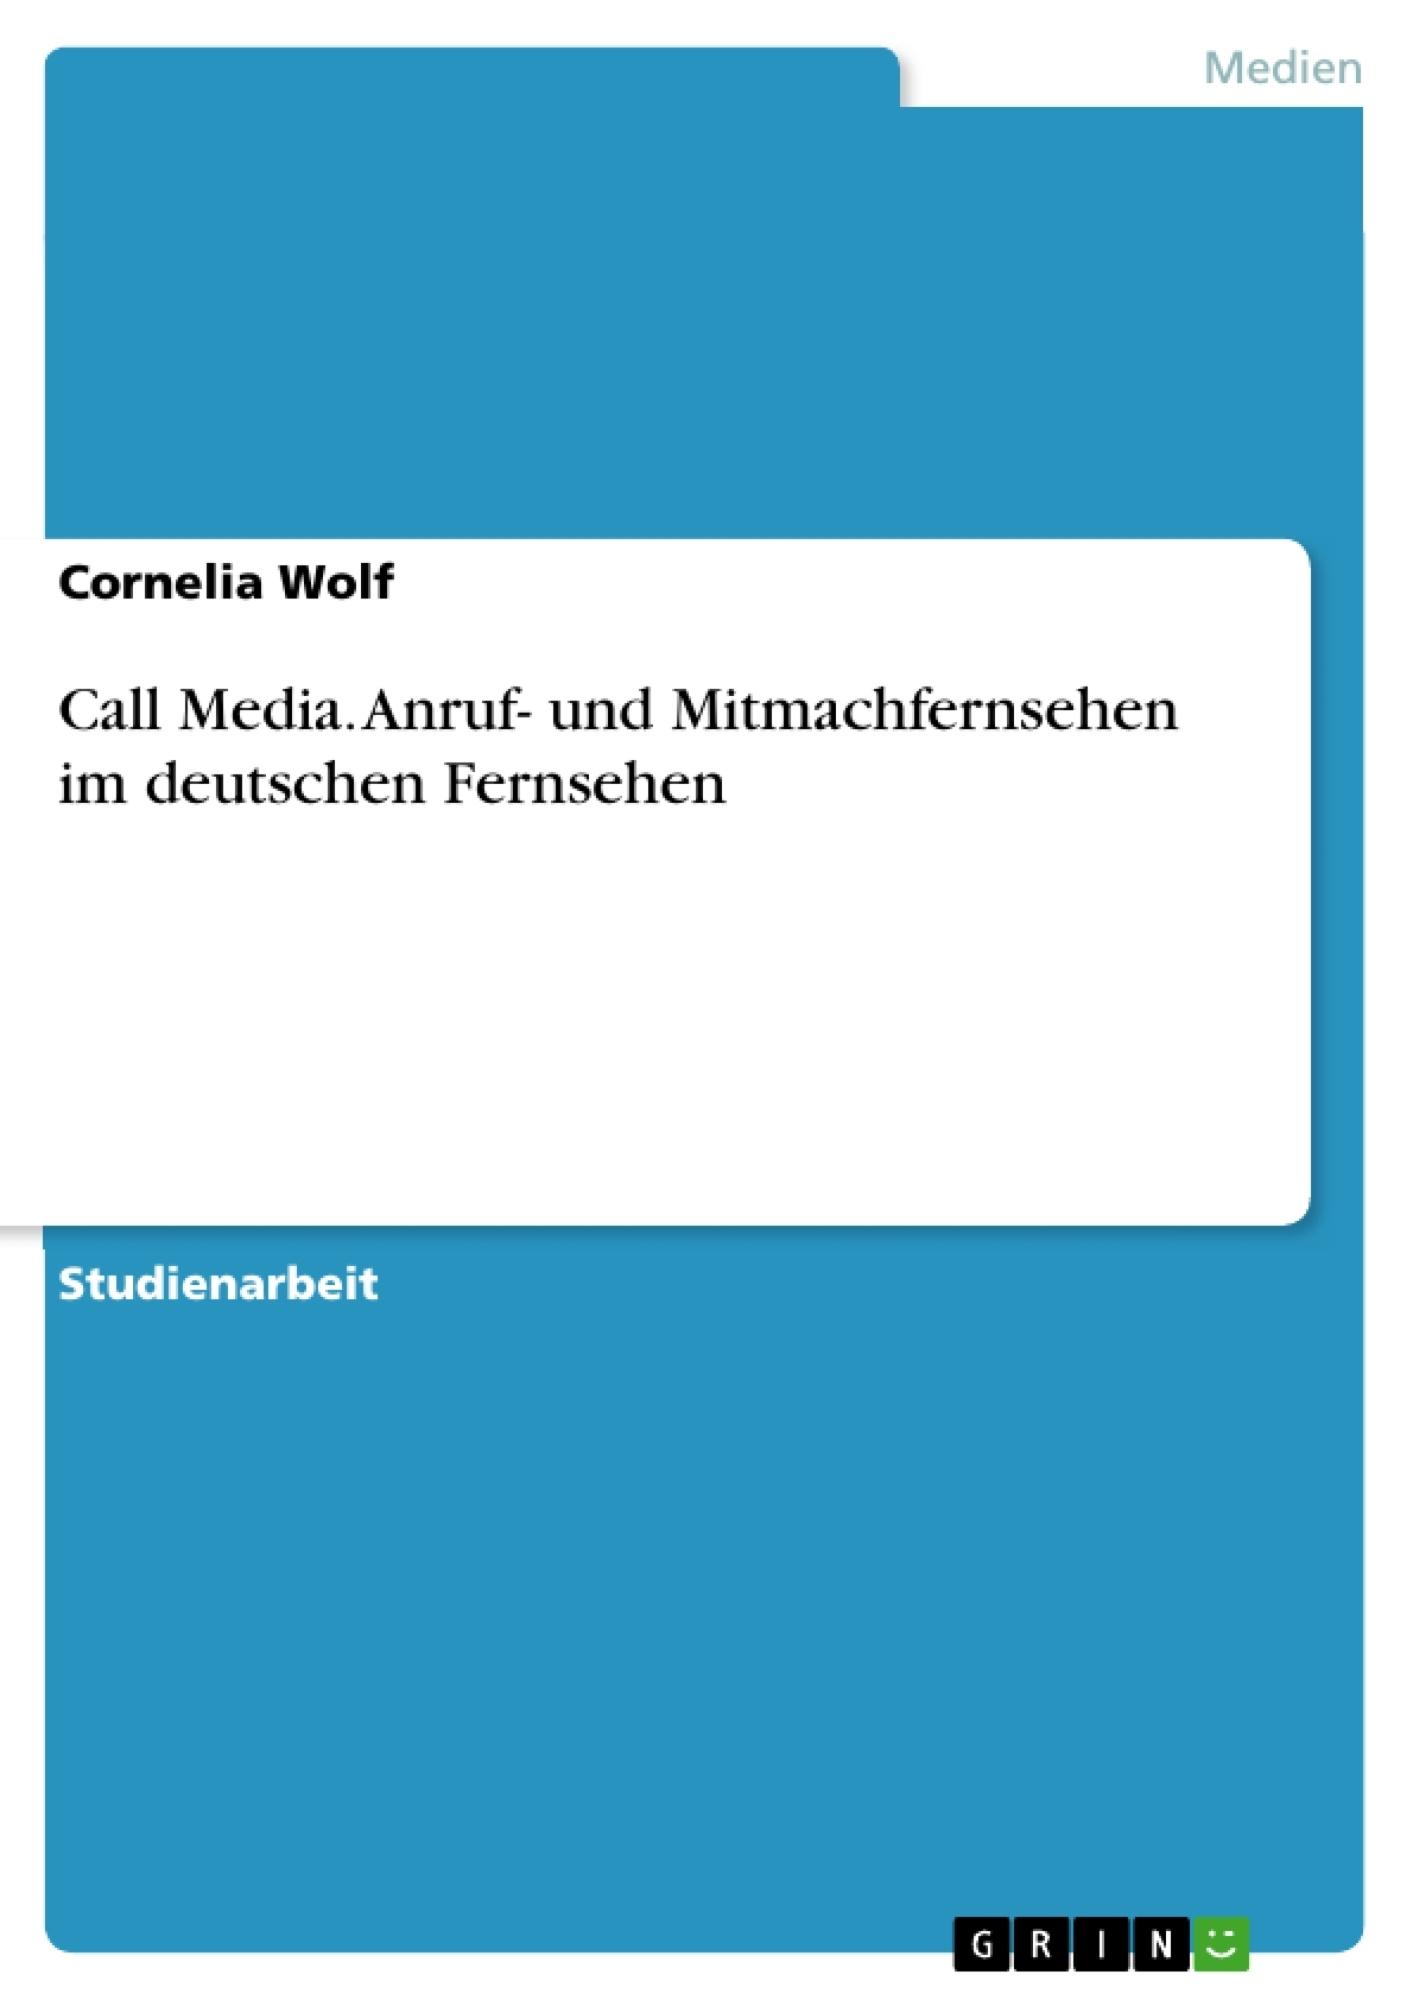 Titel: Call Media. Anruf- und Mitmachfernsehen im deutschen Fernsehen